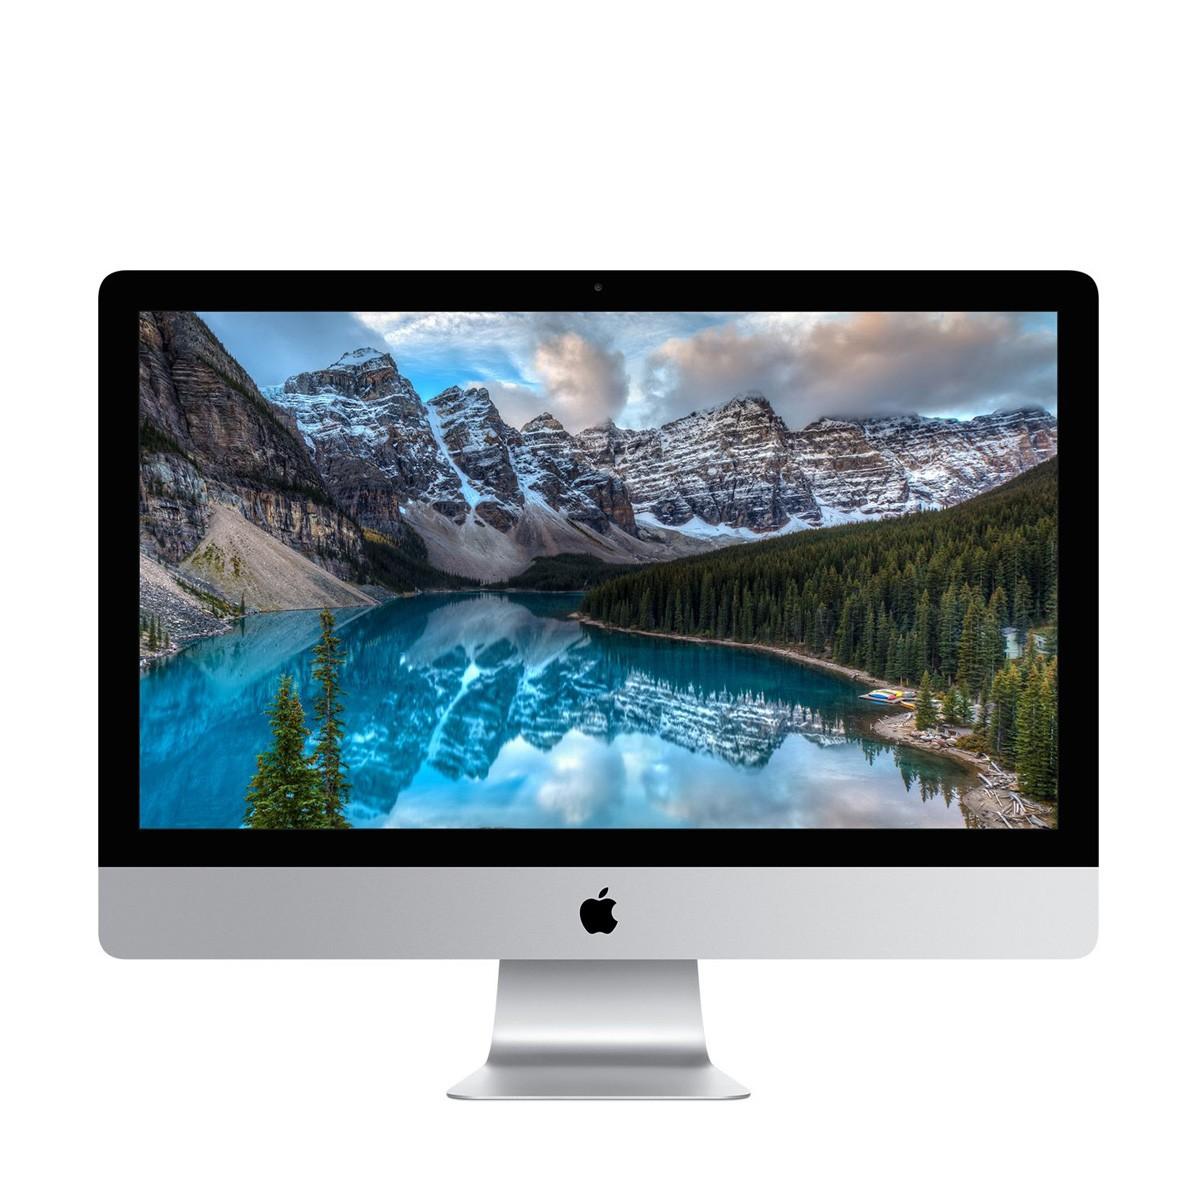 """Настолен компютър iMac 27""""с 8 GB памет и Core i5 3.3GHz"""